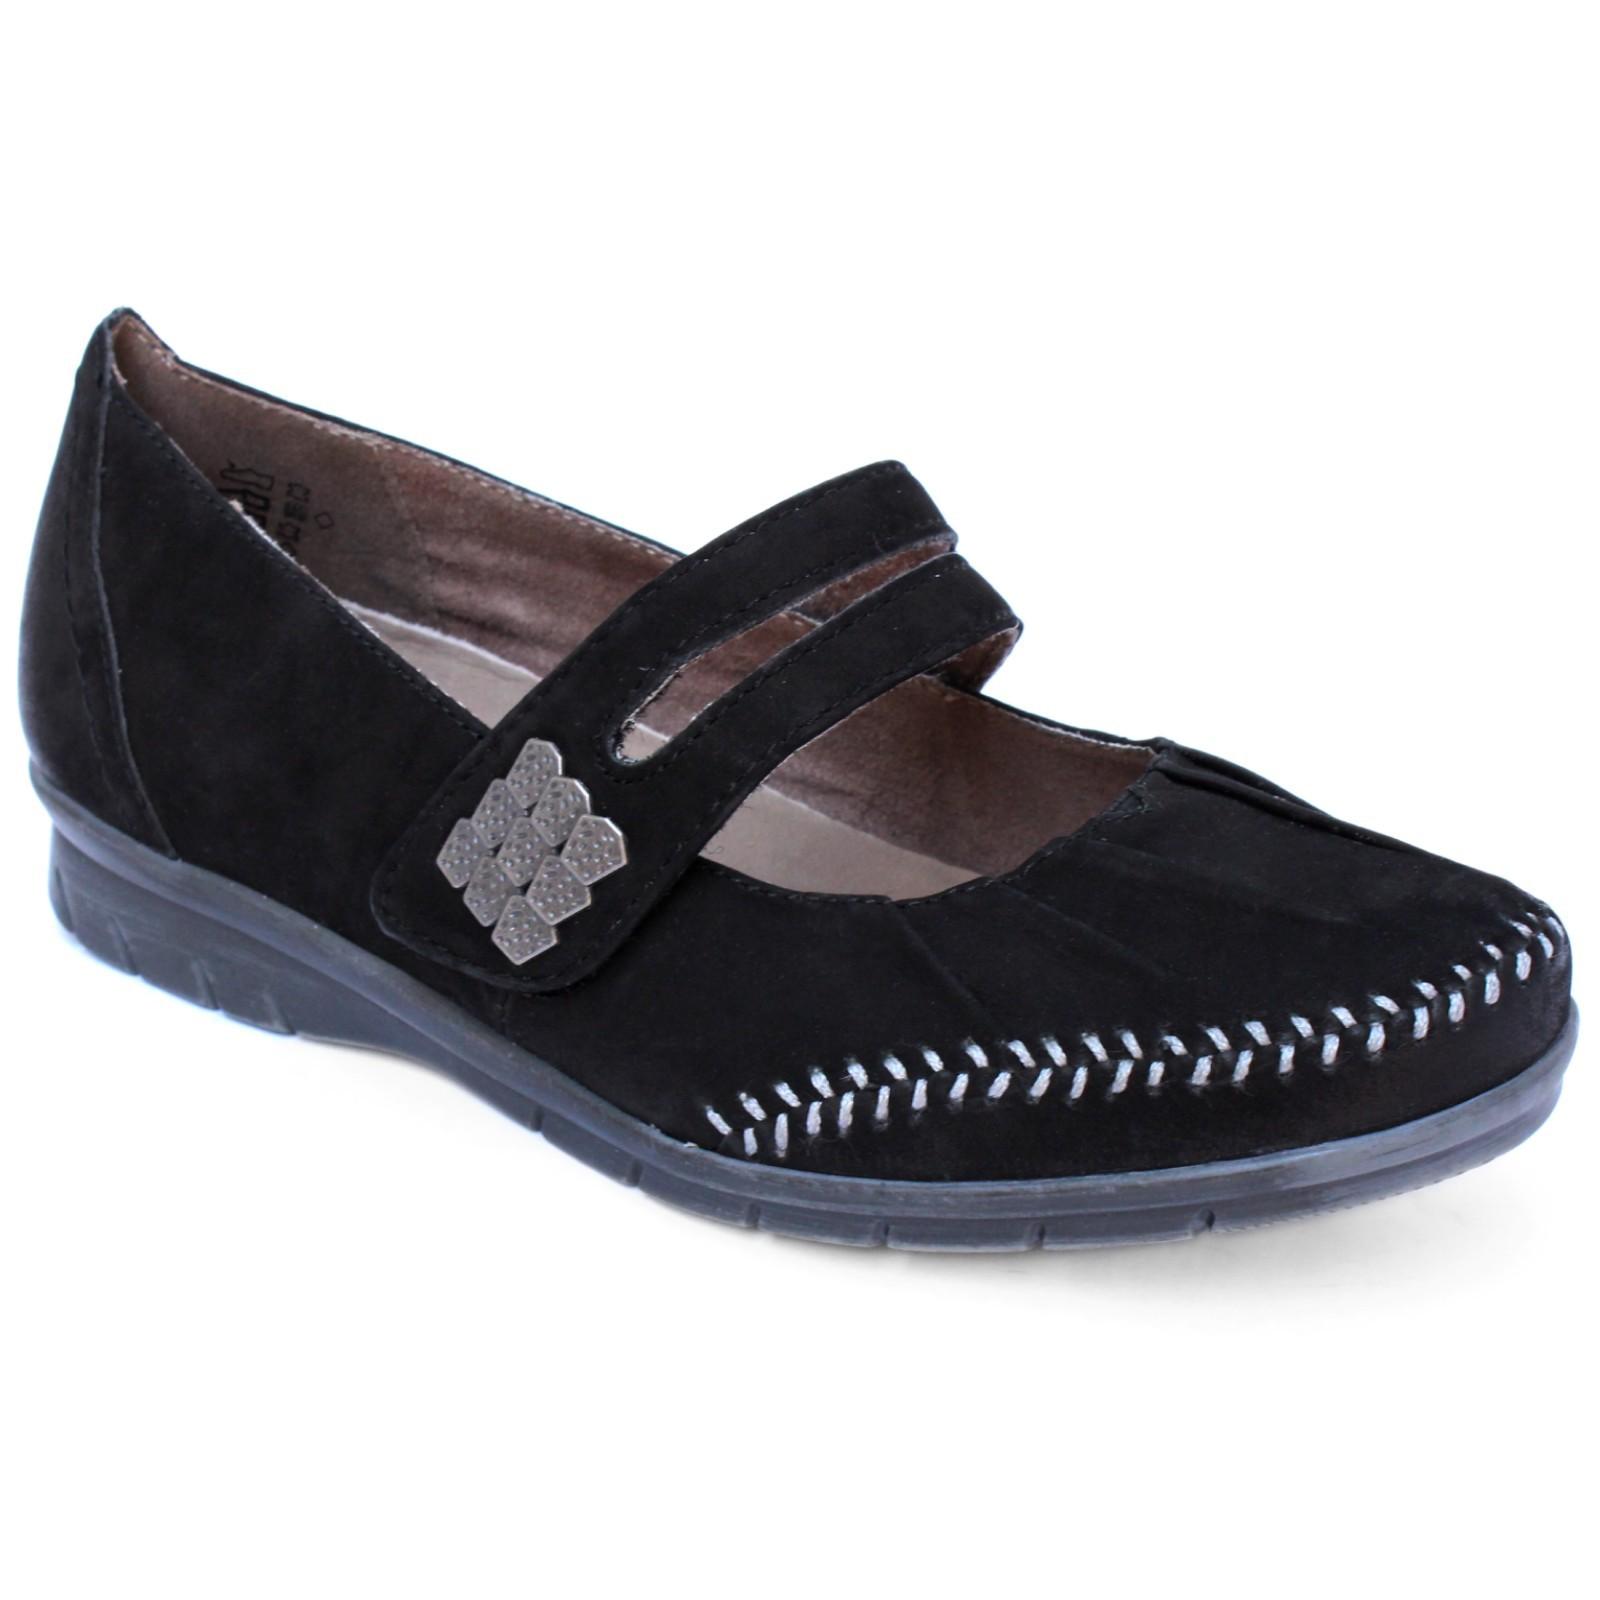 Jana női pántos félcipő 24611-20-001 black 04365 - Női félcipő 9009cb8935